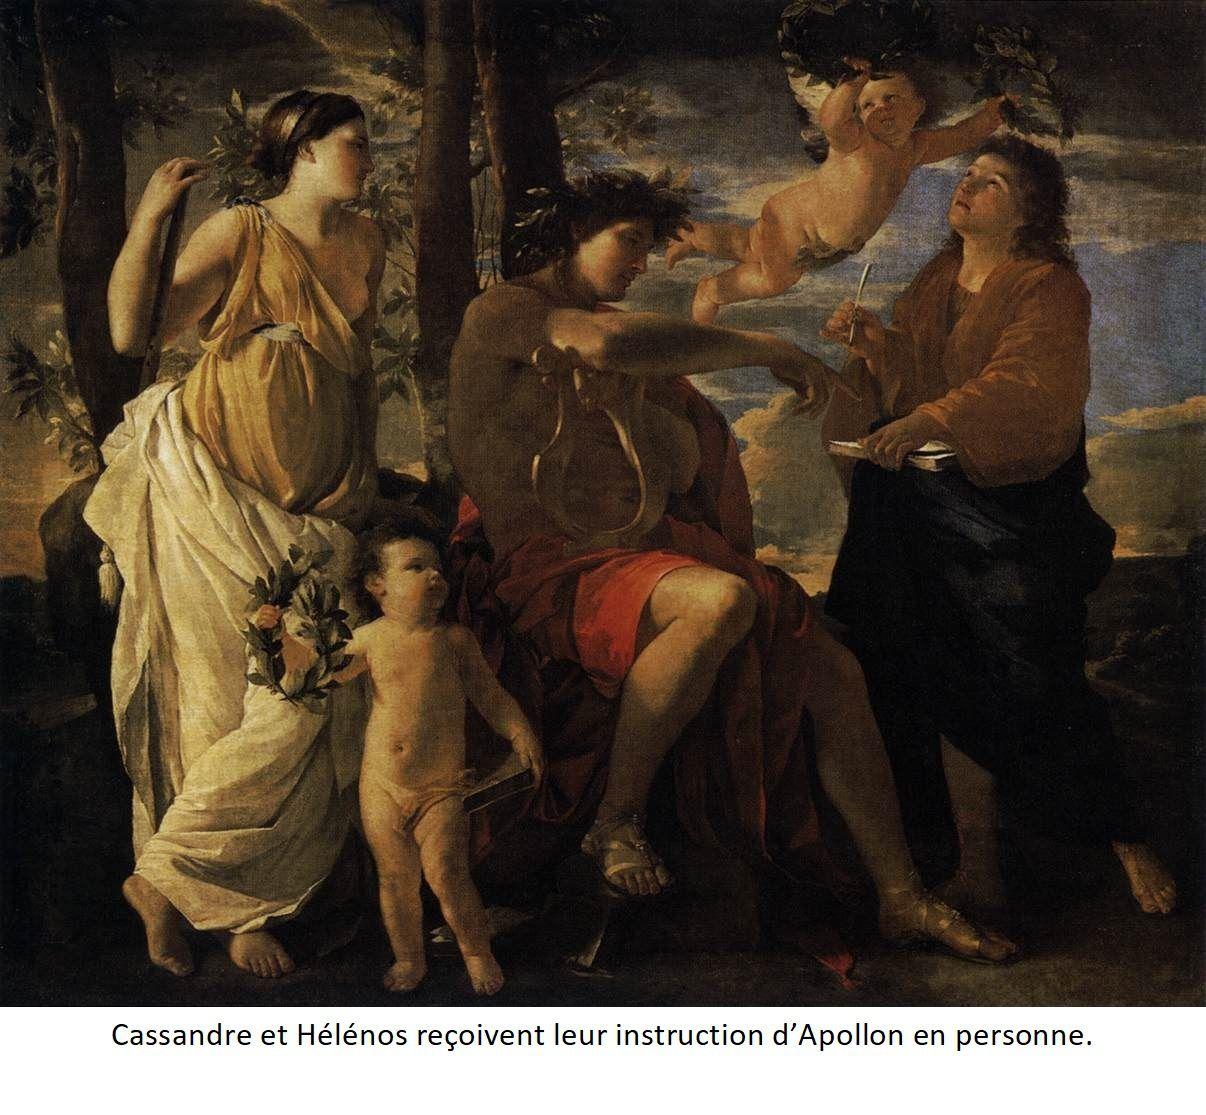 Cassandre et Hélénos reçoivent leur instruction d'Appolon en personne.